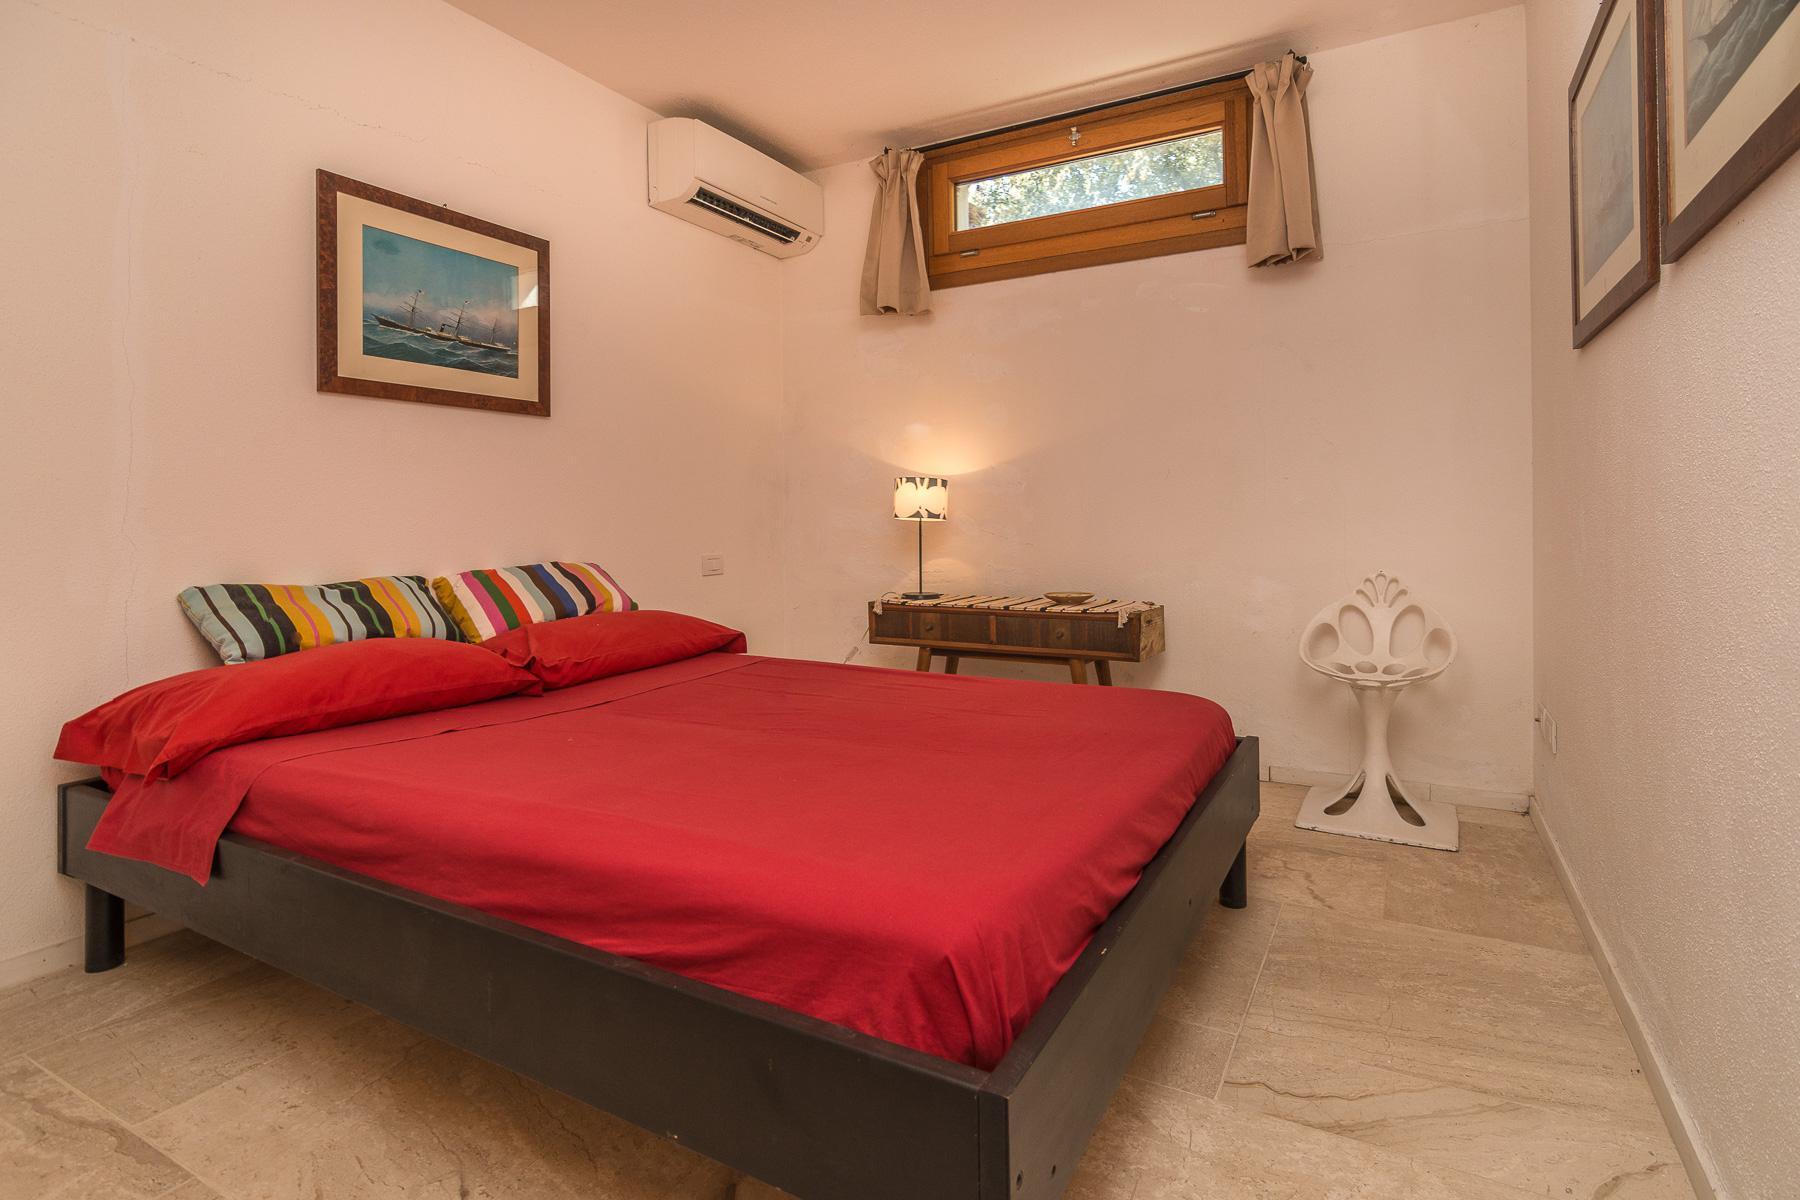 Golfo Aranci Sos Aranzos Splendida villa con accesso privato alla spiaggia - 16